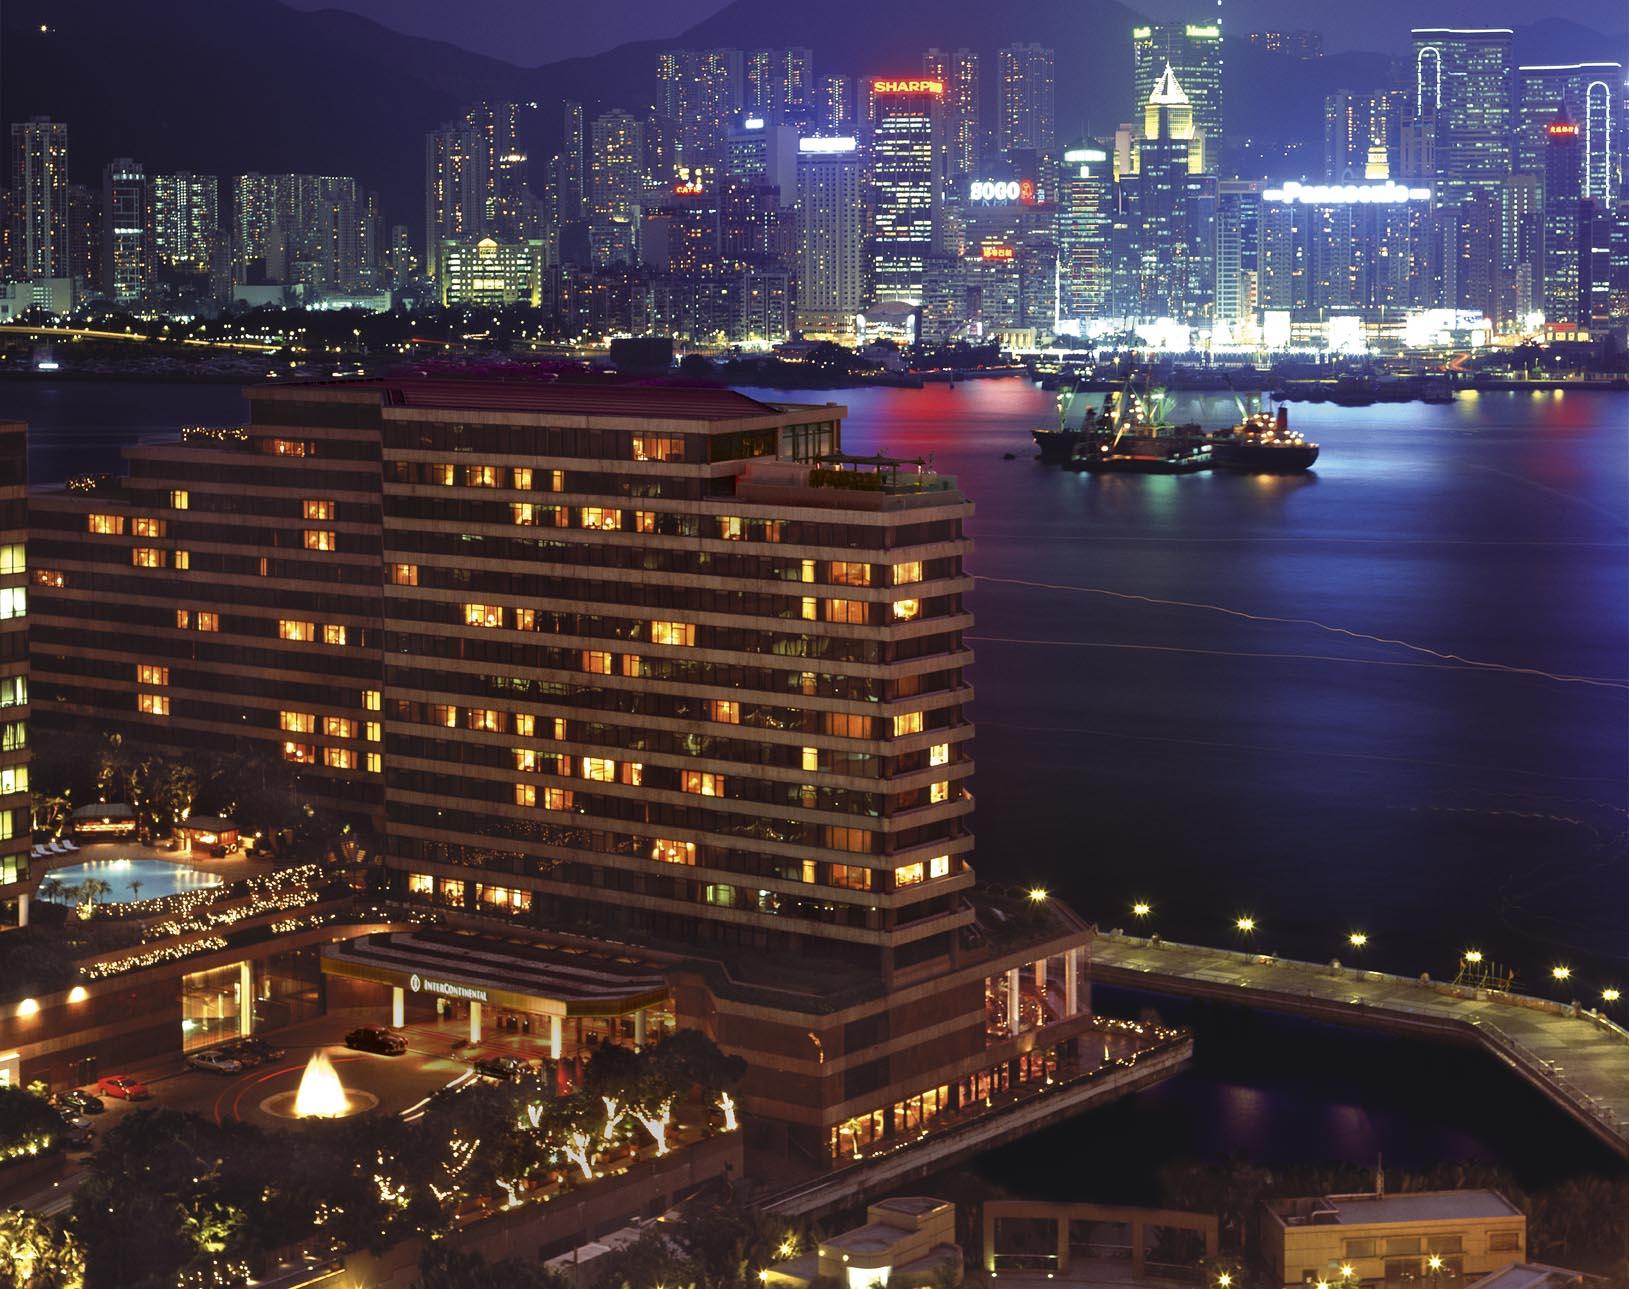 InterContinental_Hong_Kong_Exterior_(Night)_2007